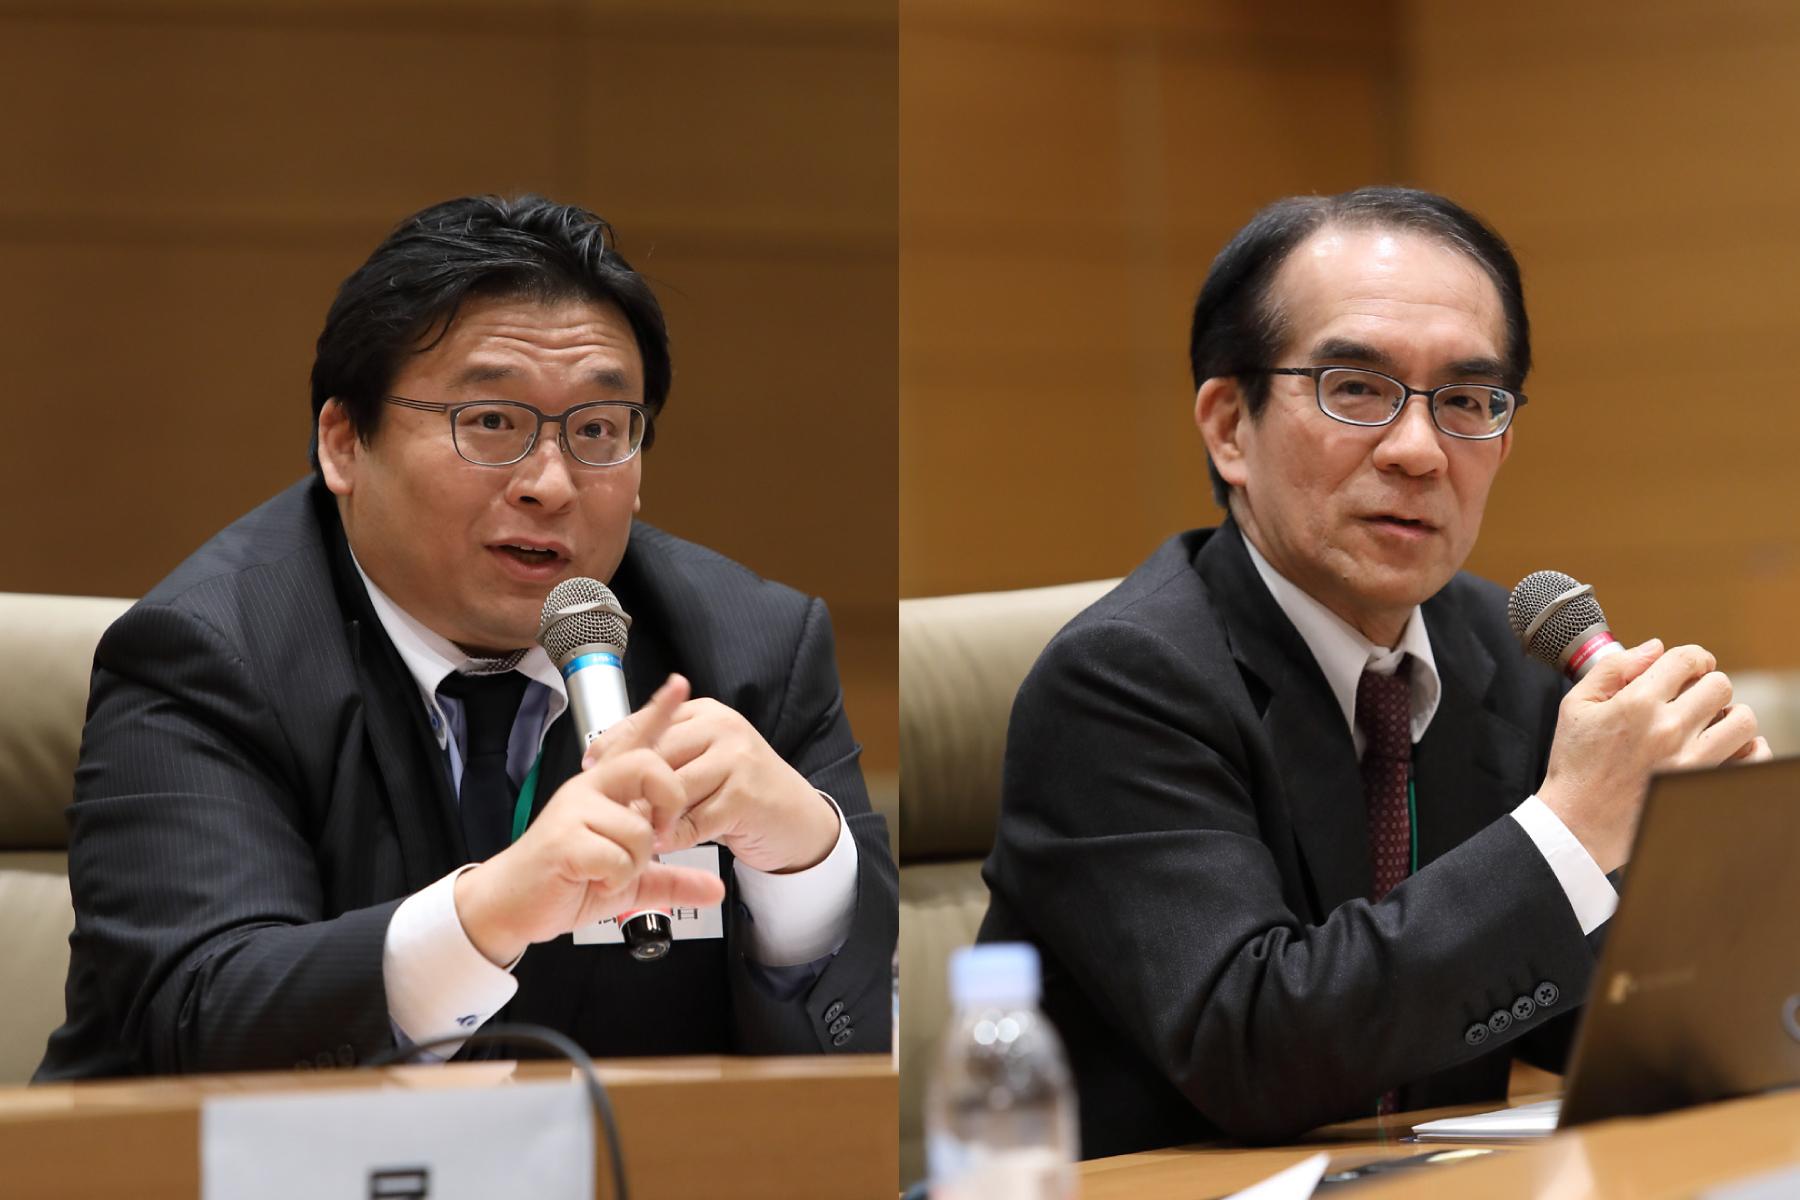 第19回「日本の医療の未来を考える会」リポート